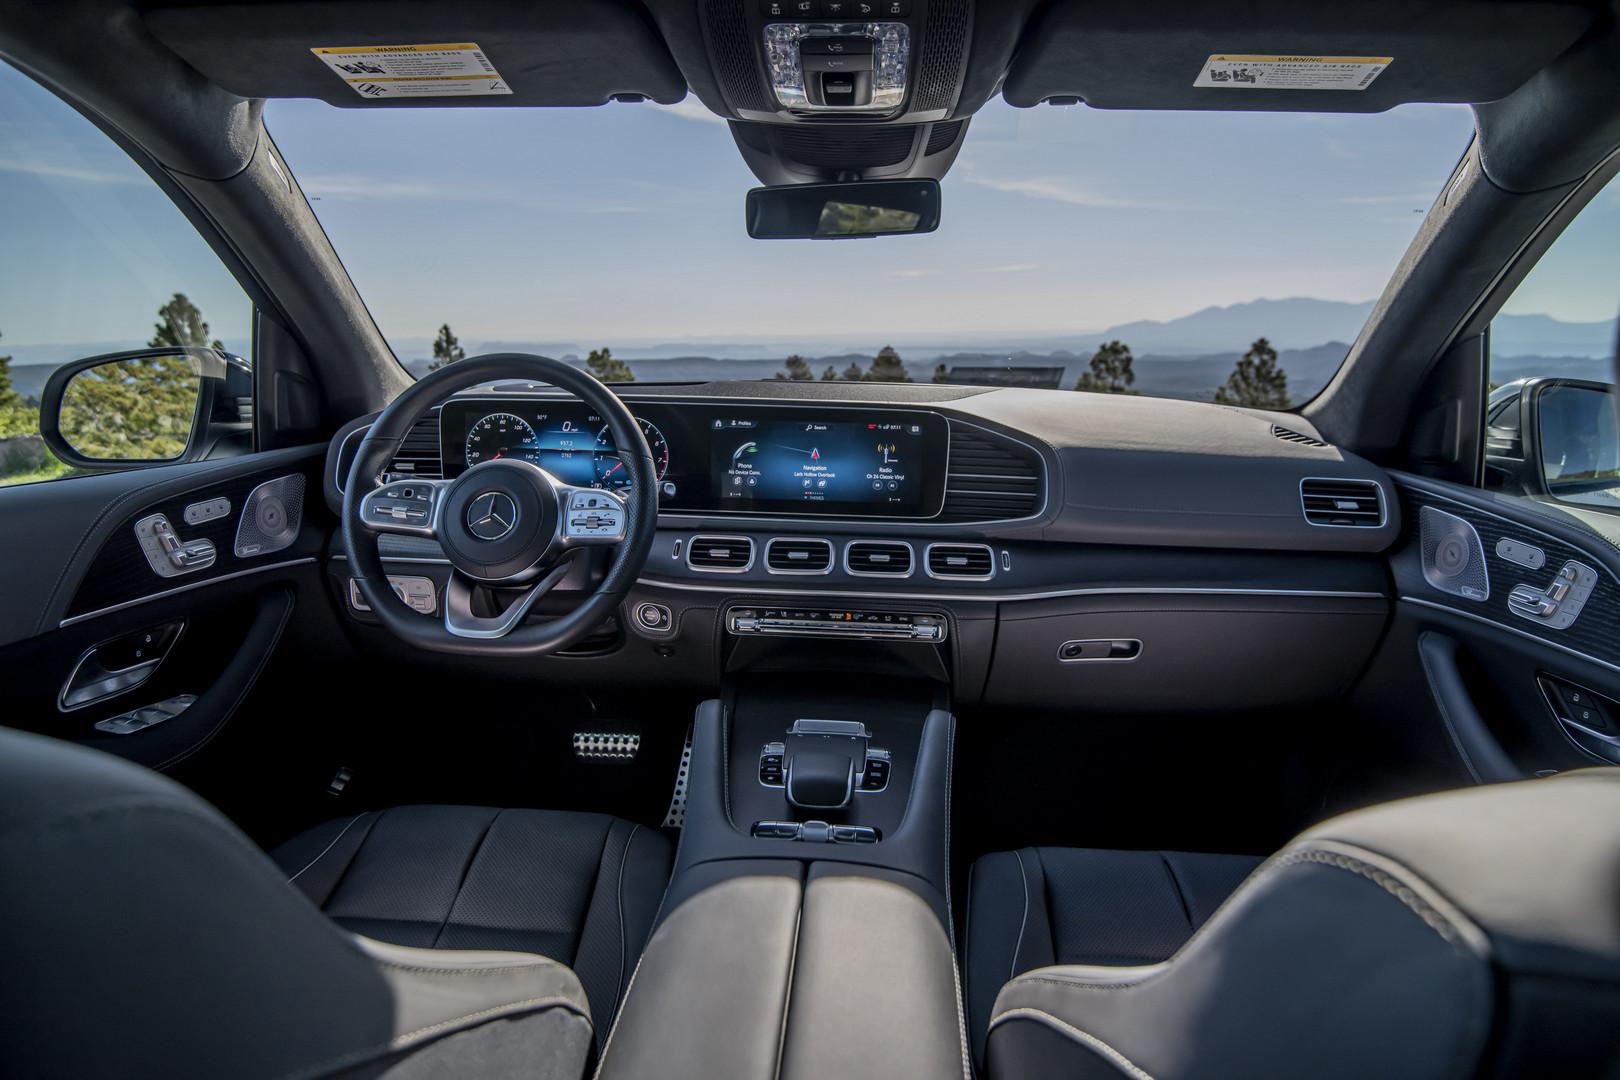 2020 Red Mercedes-Benz GLS 580 Interior